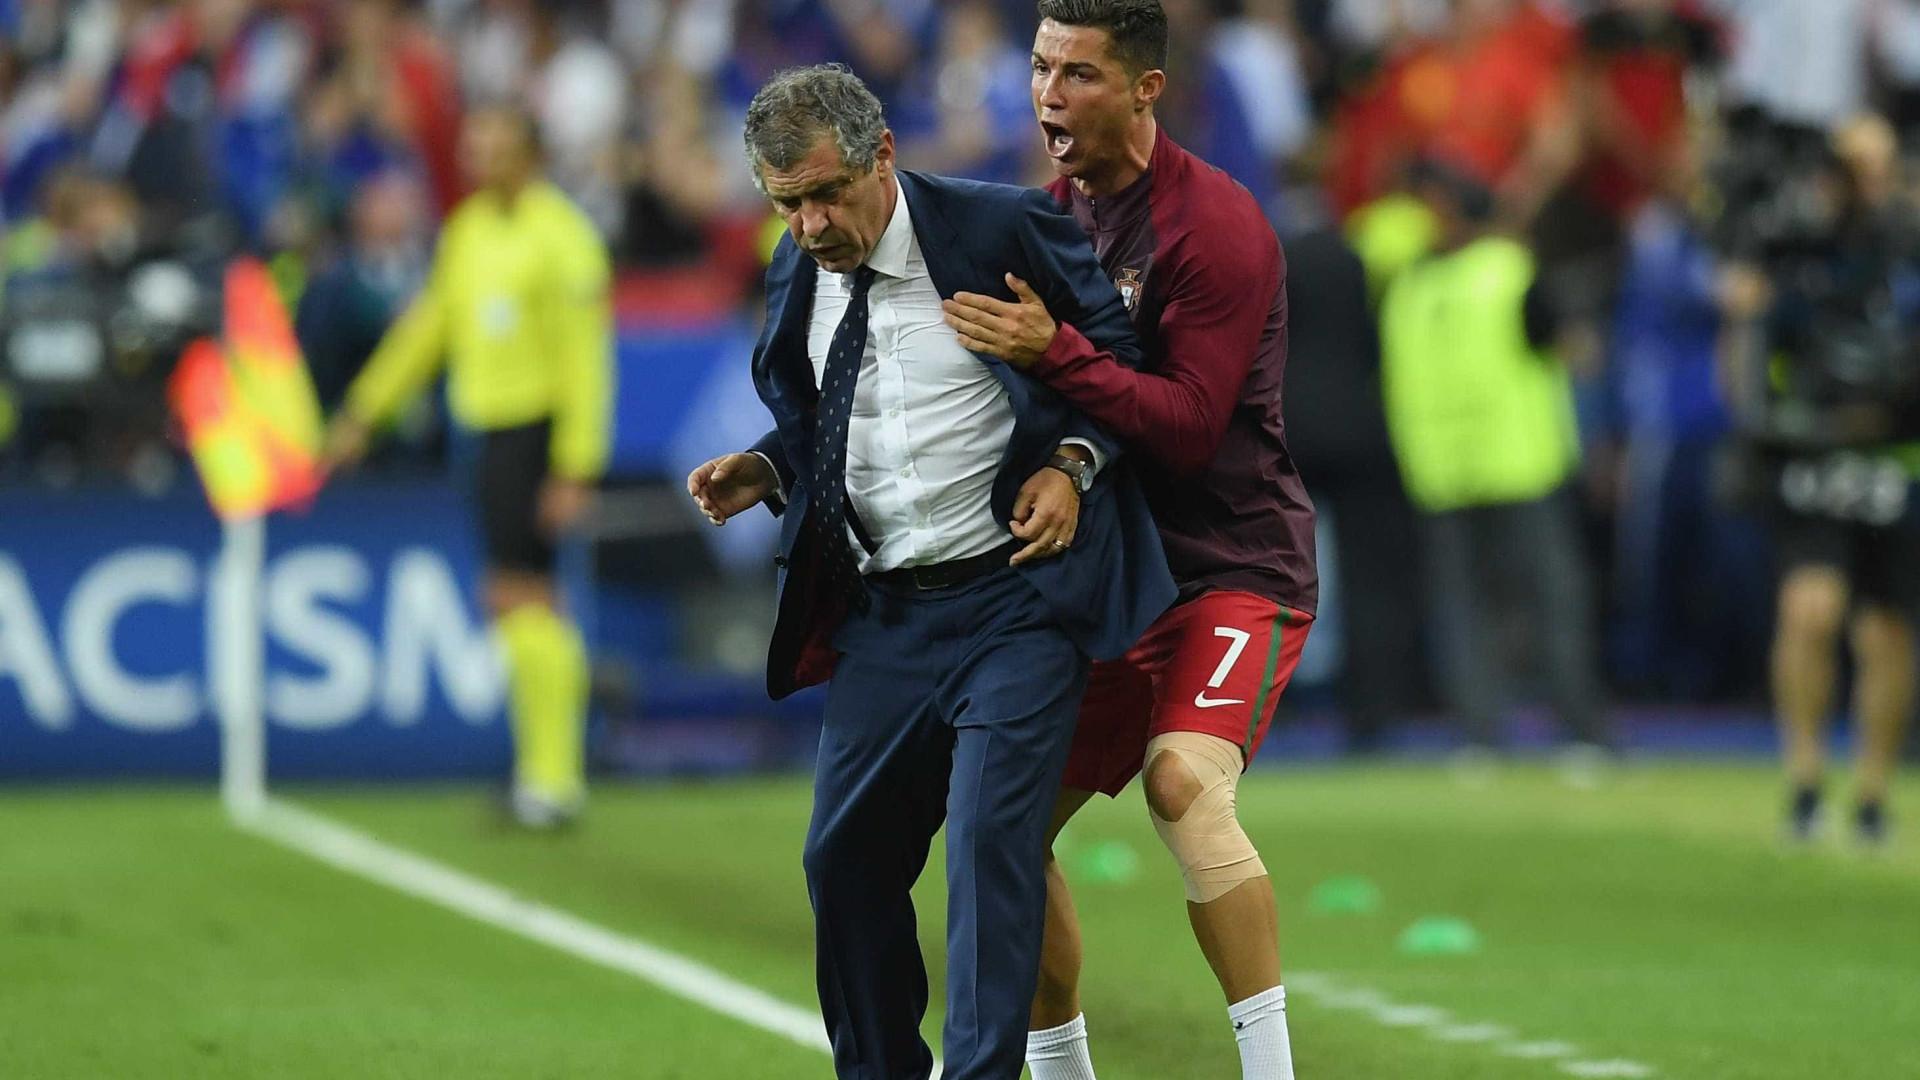 Lopetegui sai e as casas de apostas acreditam mais no triunfo de Portugal